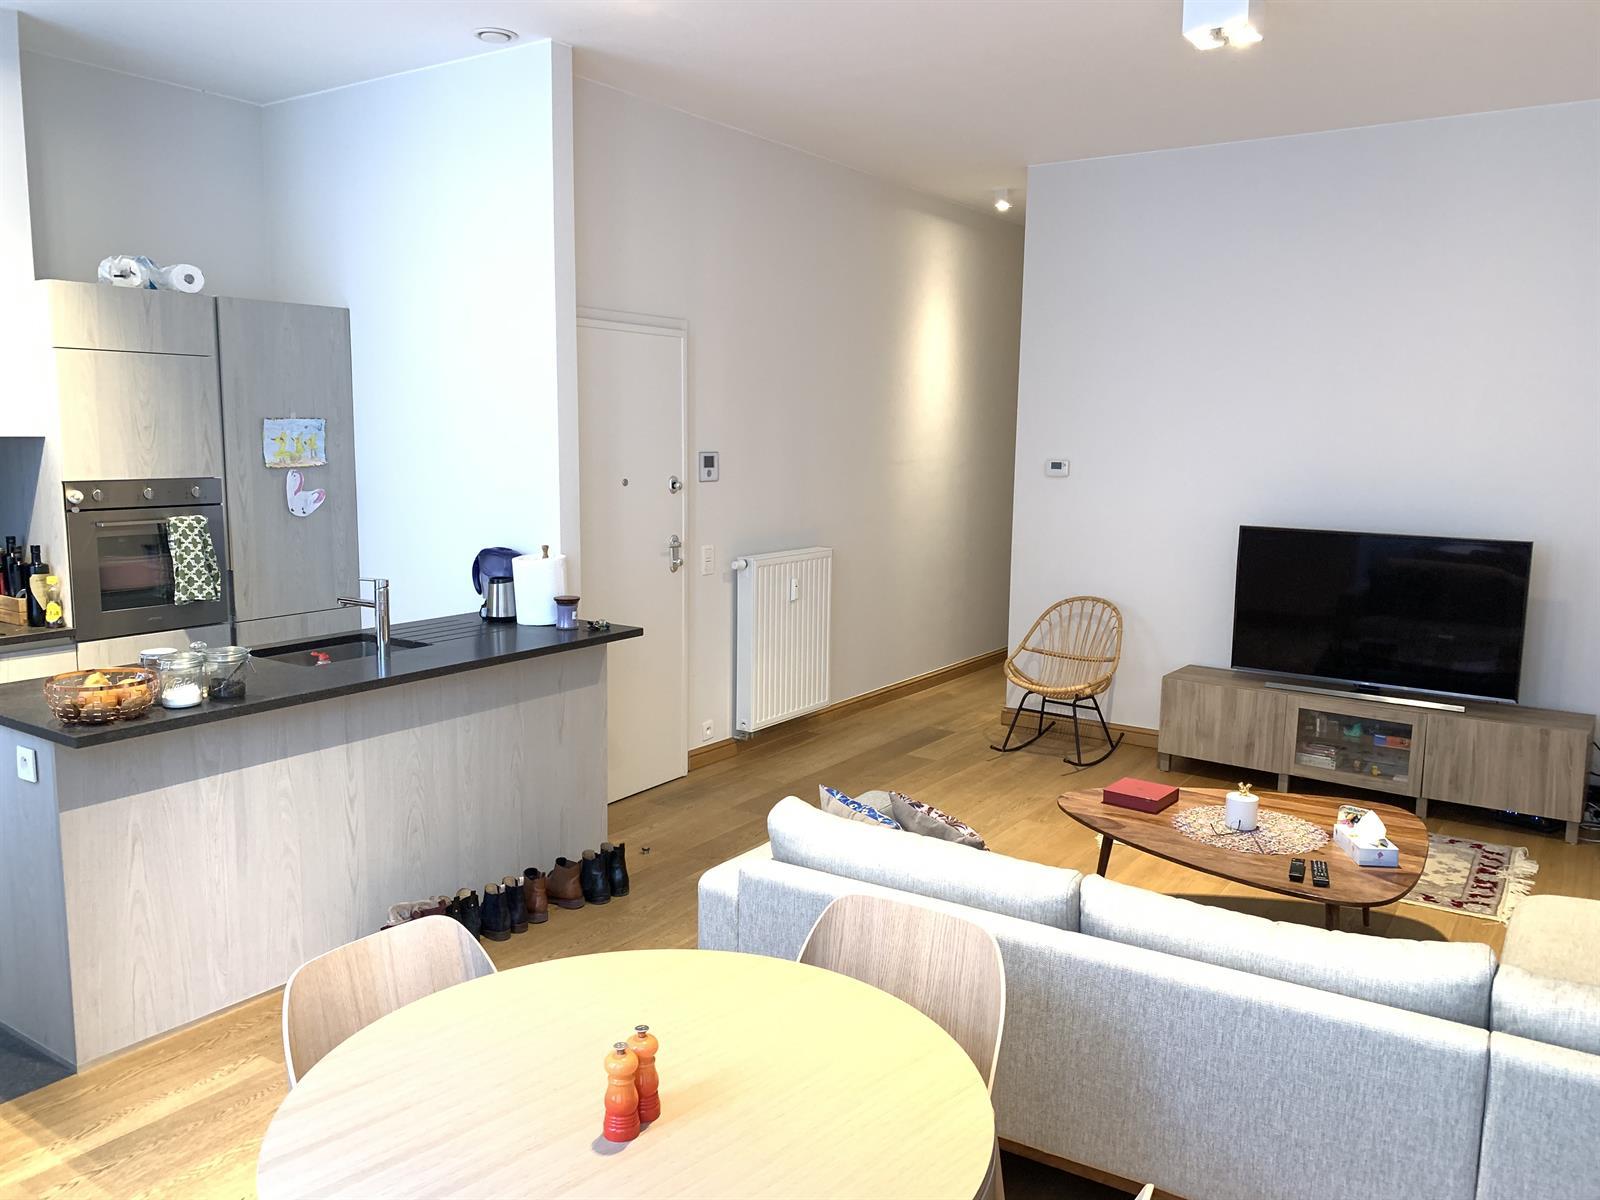 Appartement exceptionnel - Bruxelles - #4056384-36